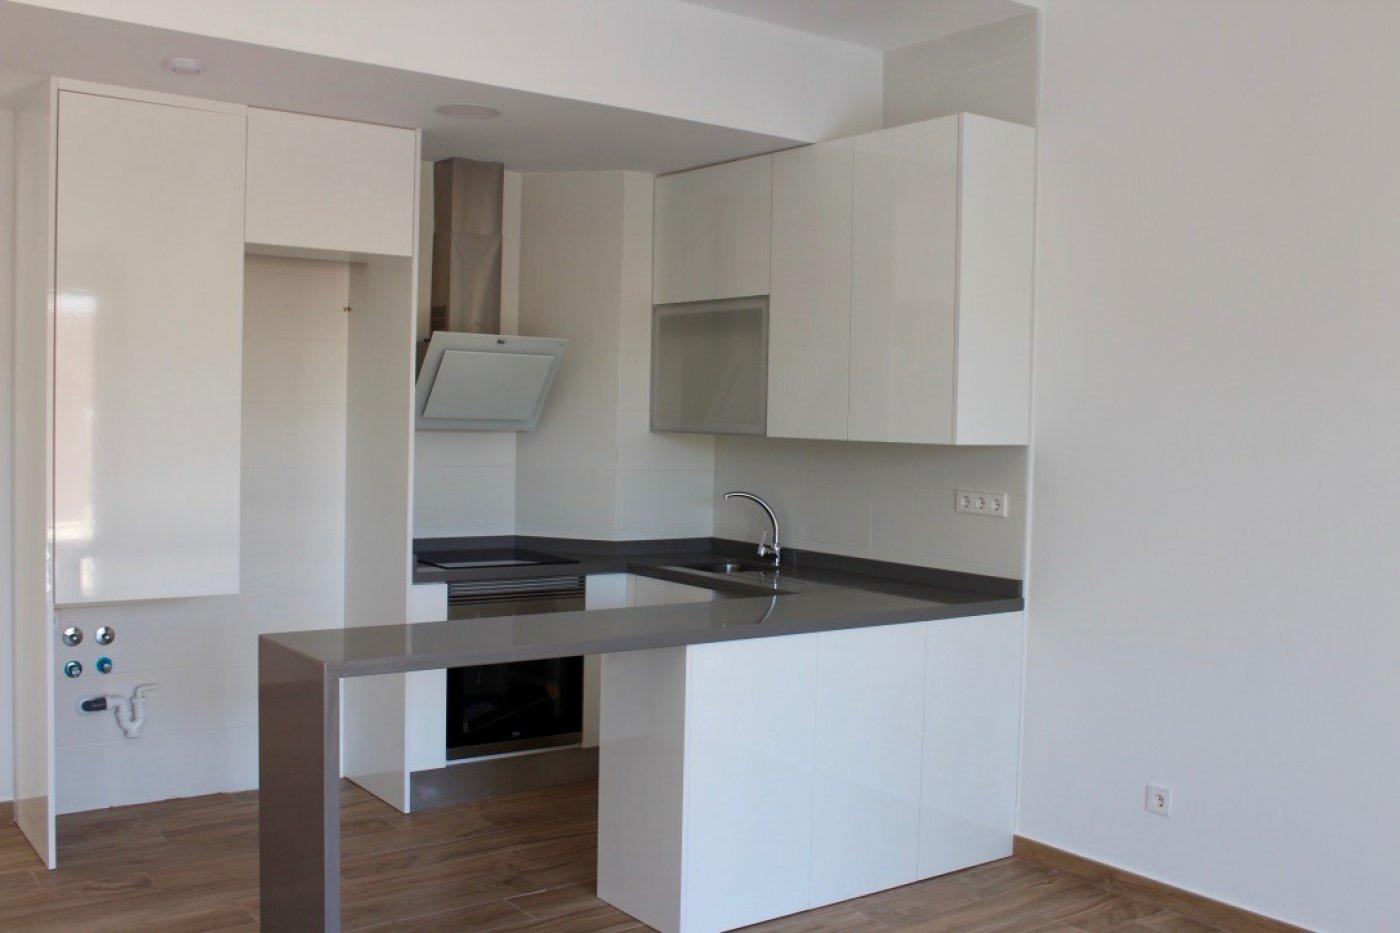 Imagen de la galería 4 of Nuevo apartamento listo en la planta superior de 2 dormitorios a solo 2 minutos a pie de las playas,